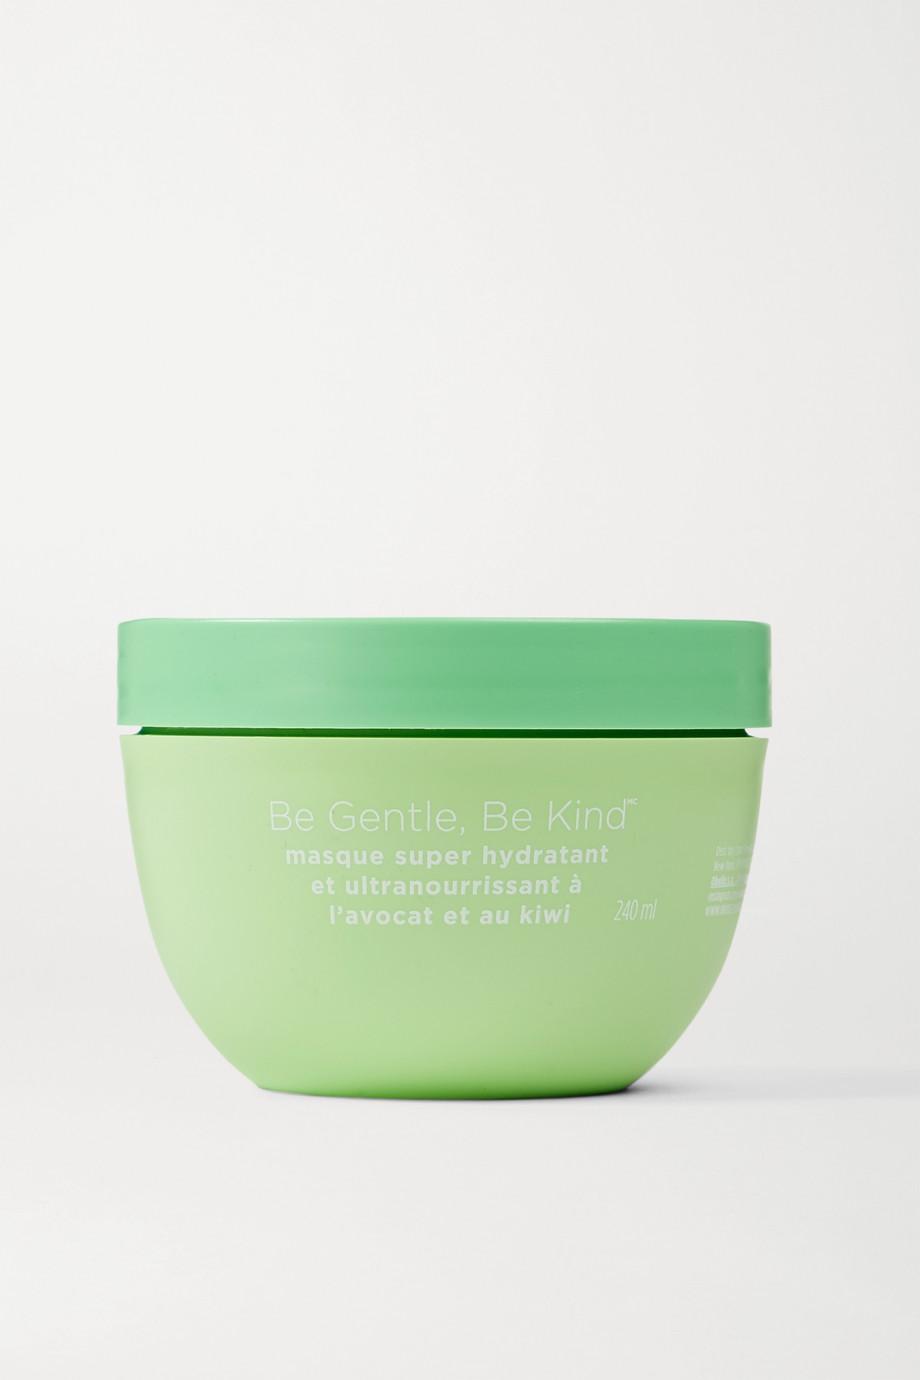 Briogeo Be Gentle, Be Kind Avocado + Kiwi Mega Moisture Superfood Mask, 240ml